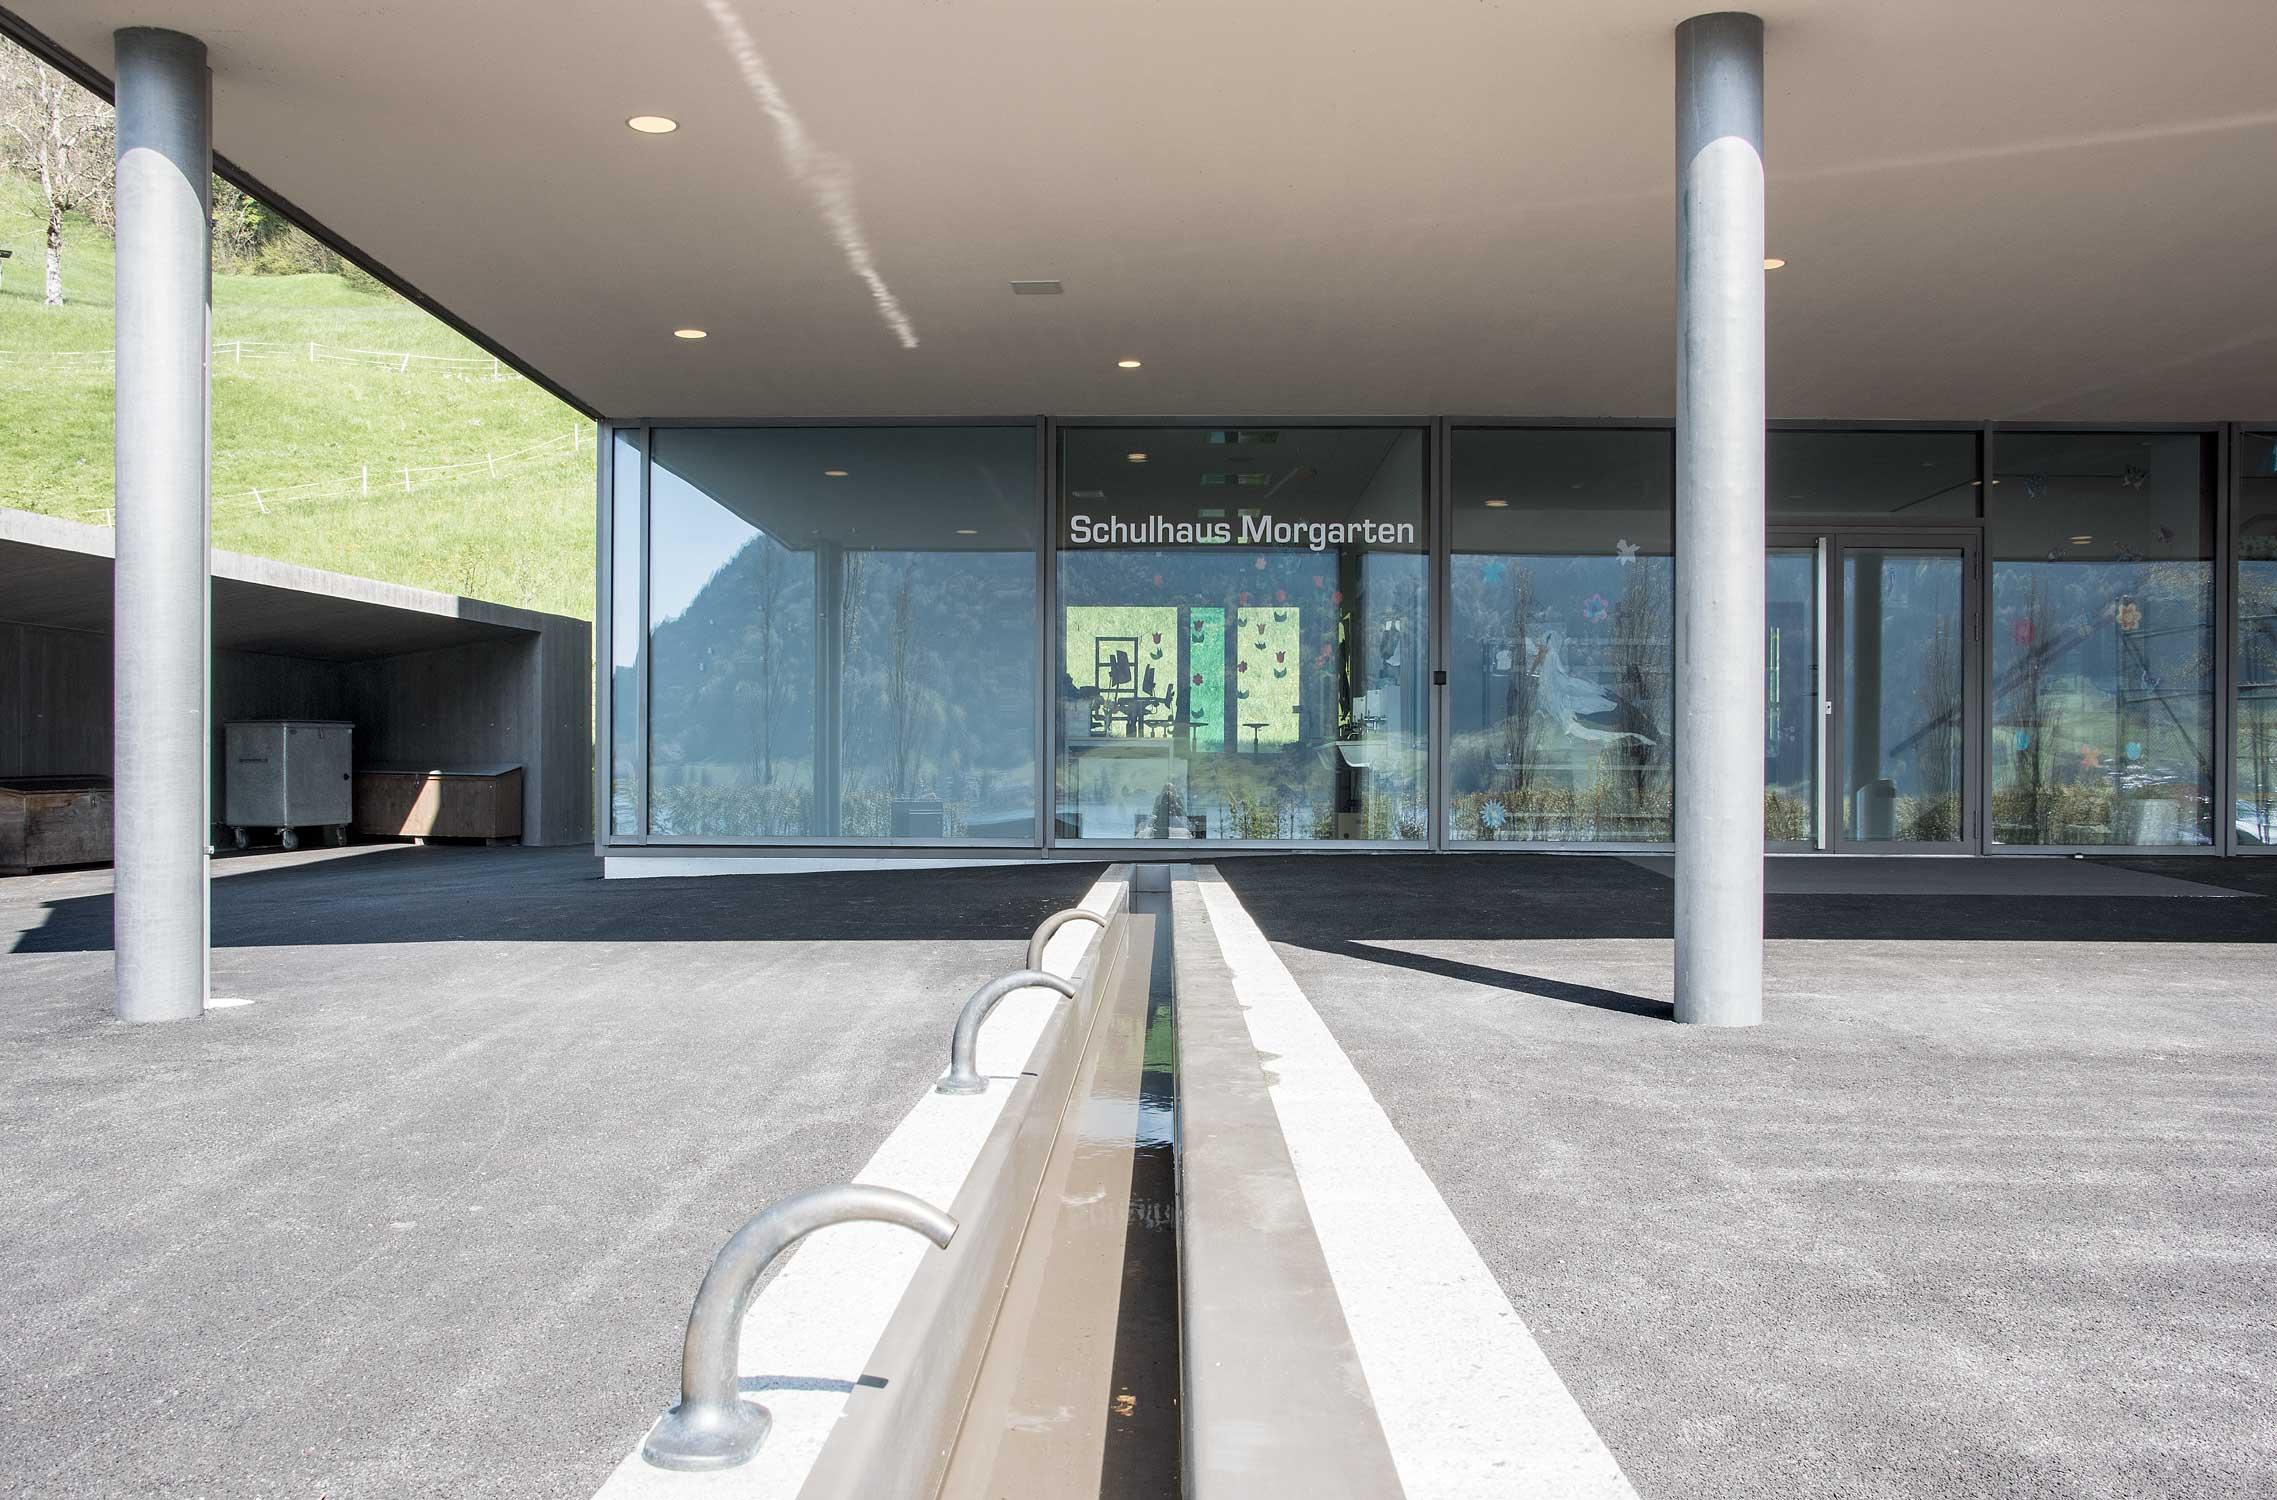 Eingang zum Schulhaus Morgarten mit Brunnen.